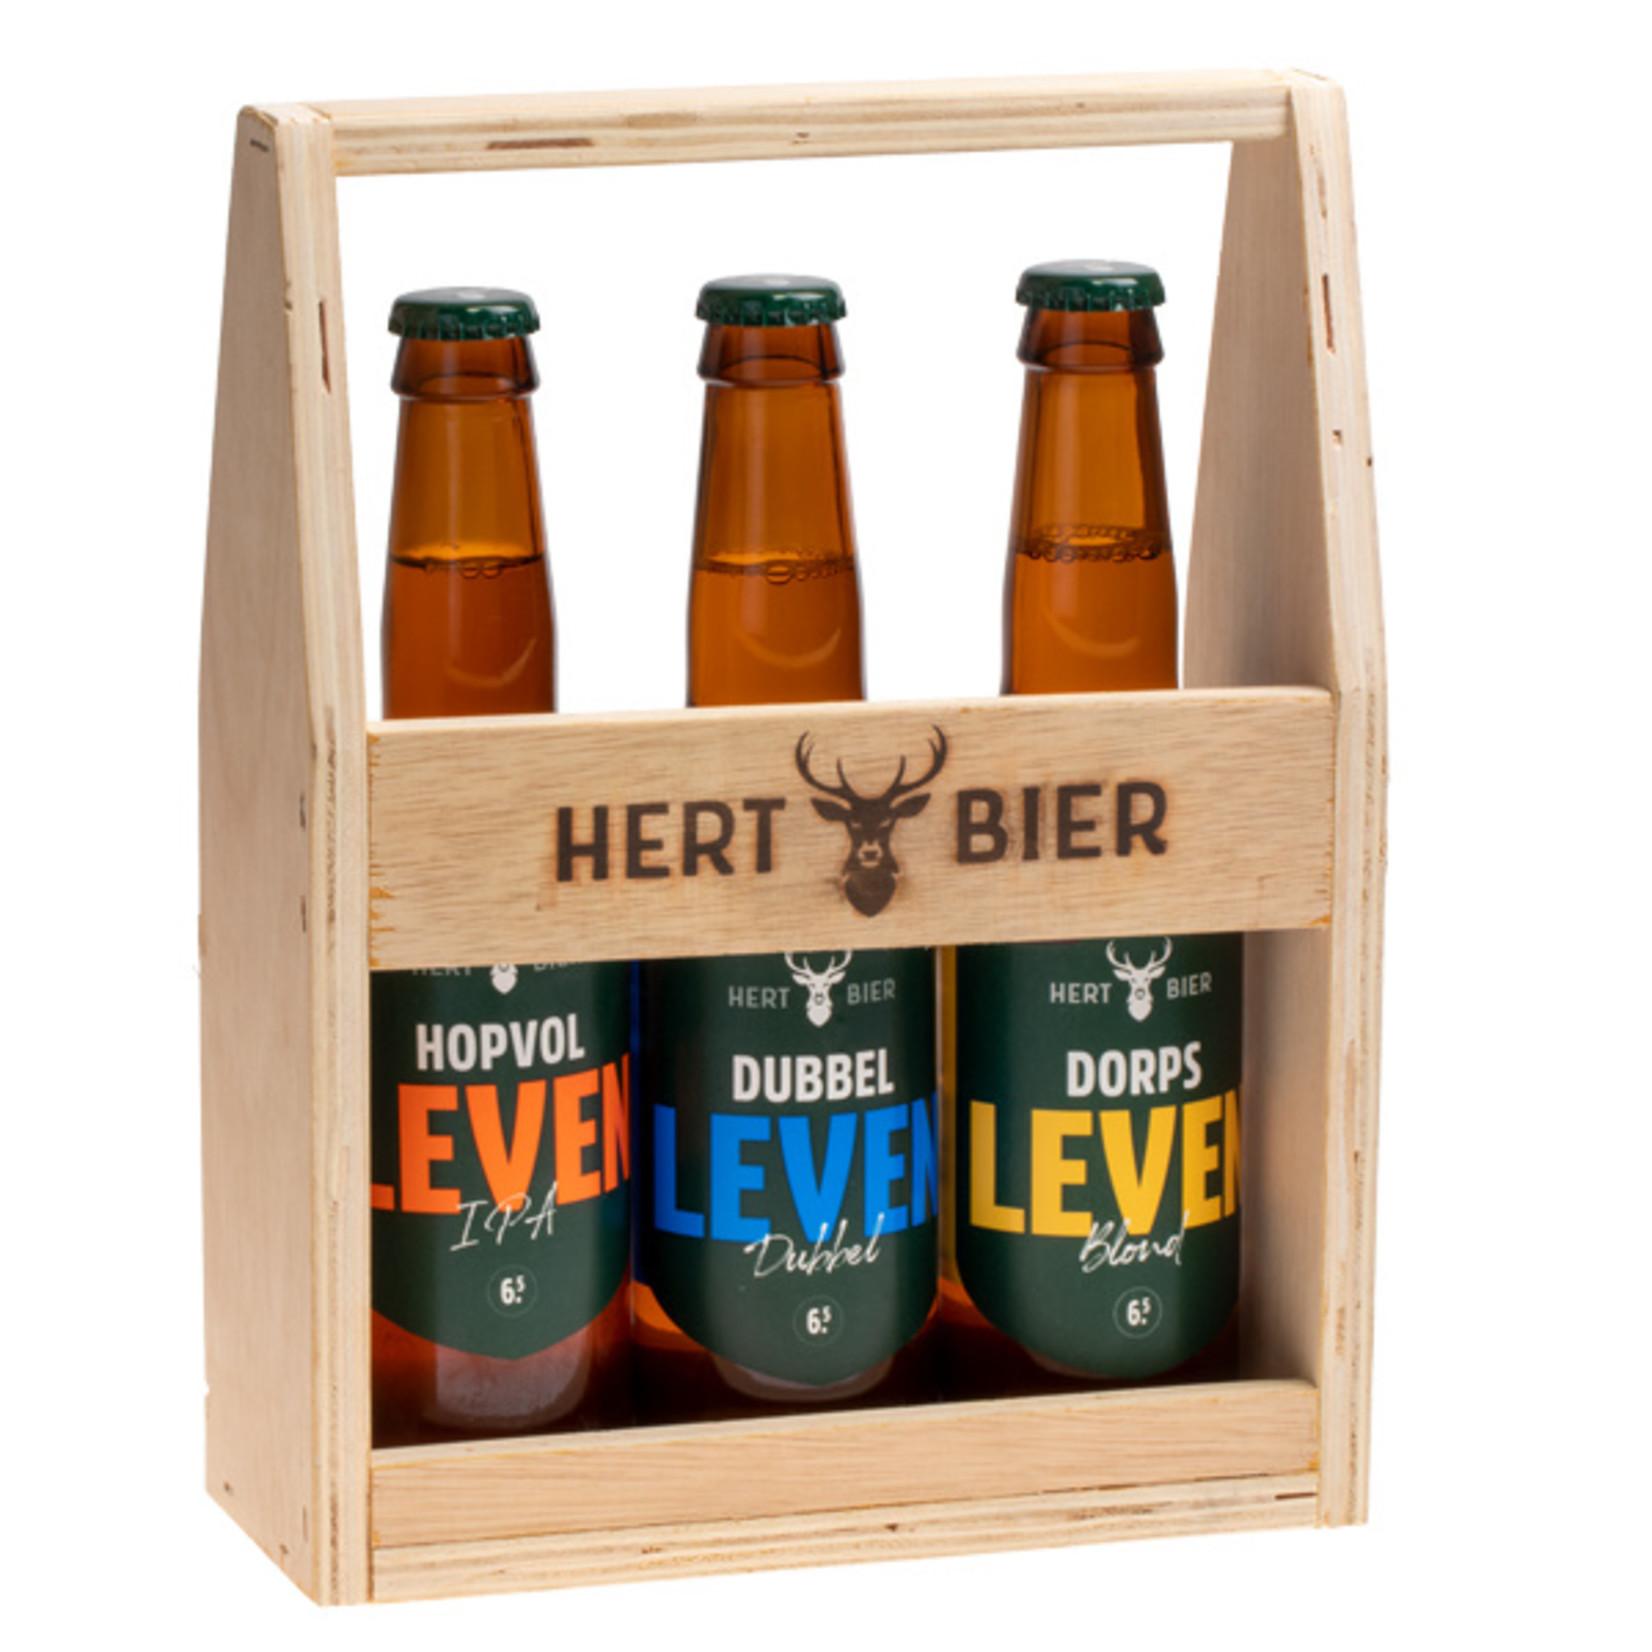 Hert Bier Bierkrat met Hopvol Leven, Dorps Leven & Dubbel Leven